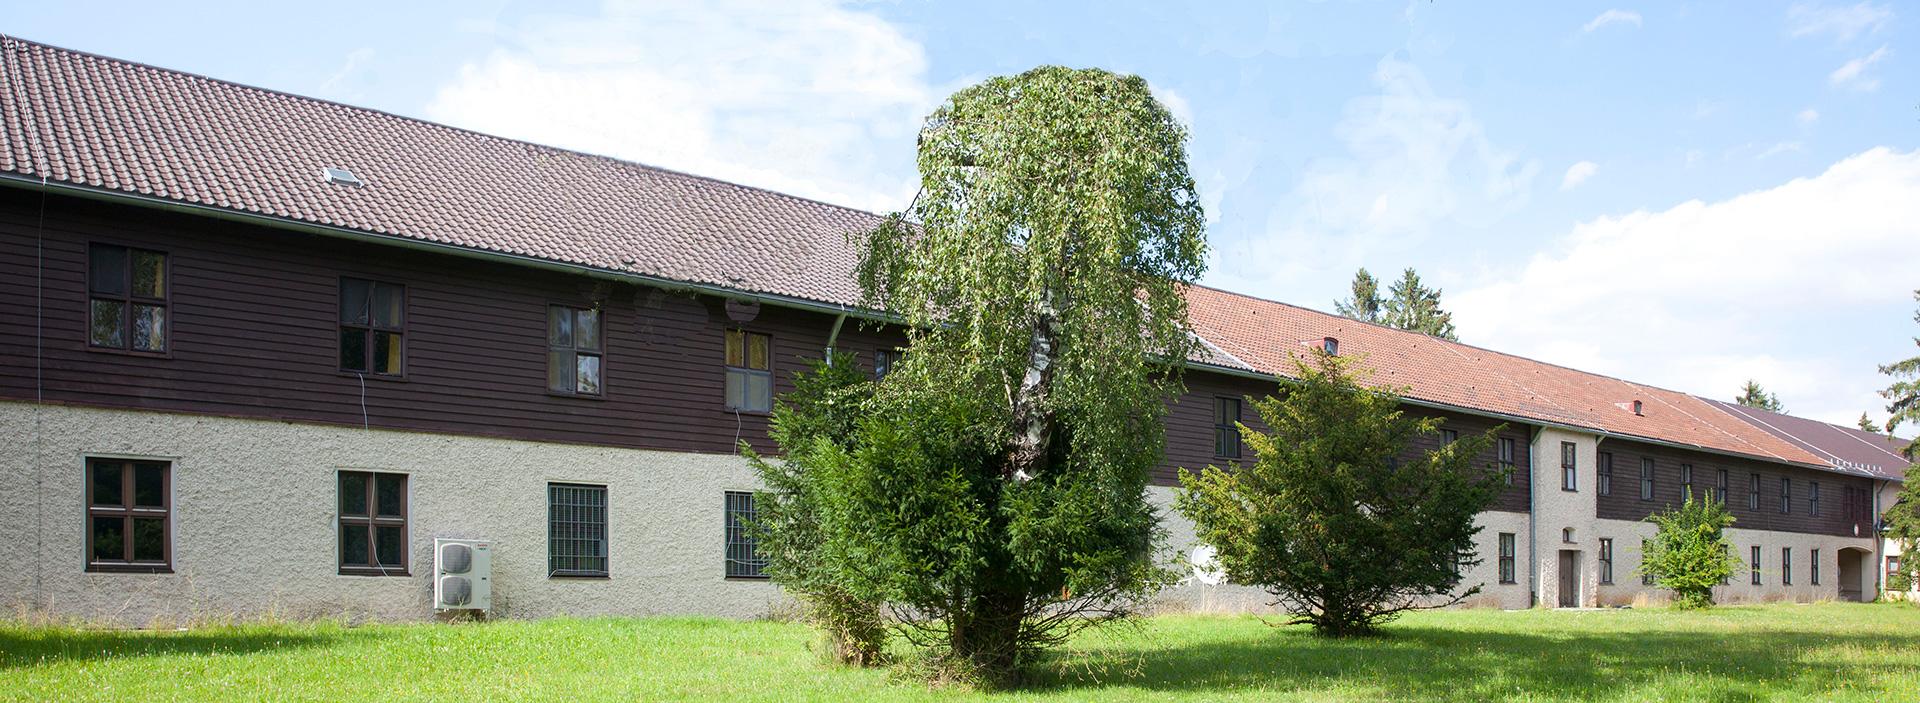 Fliegerhorst Fürstenfeldbruck Kilometerbau